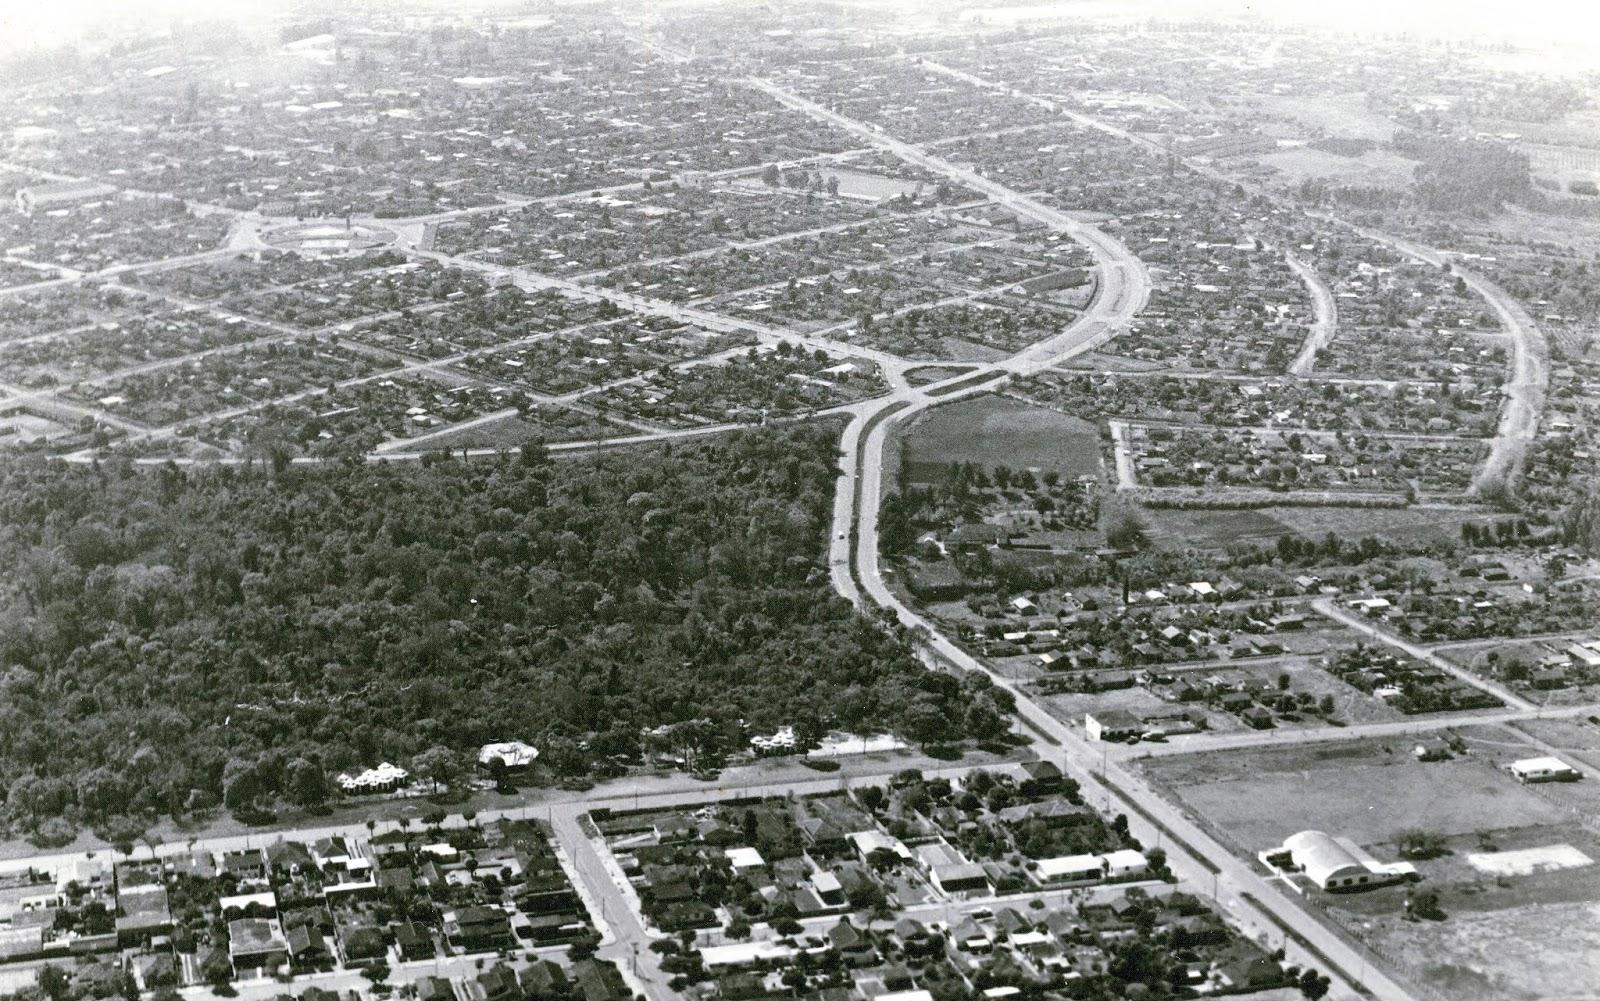 Vista aérea do Parque do Ingá e Zona 8 - Década de 1970